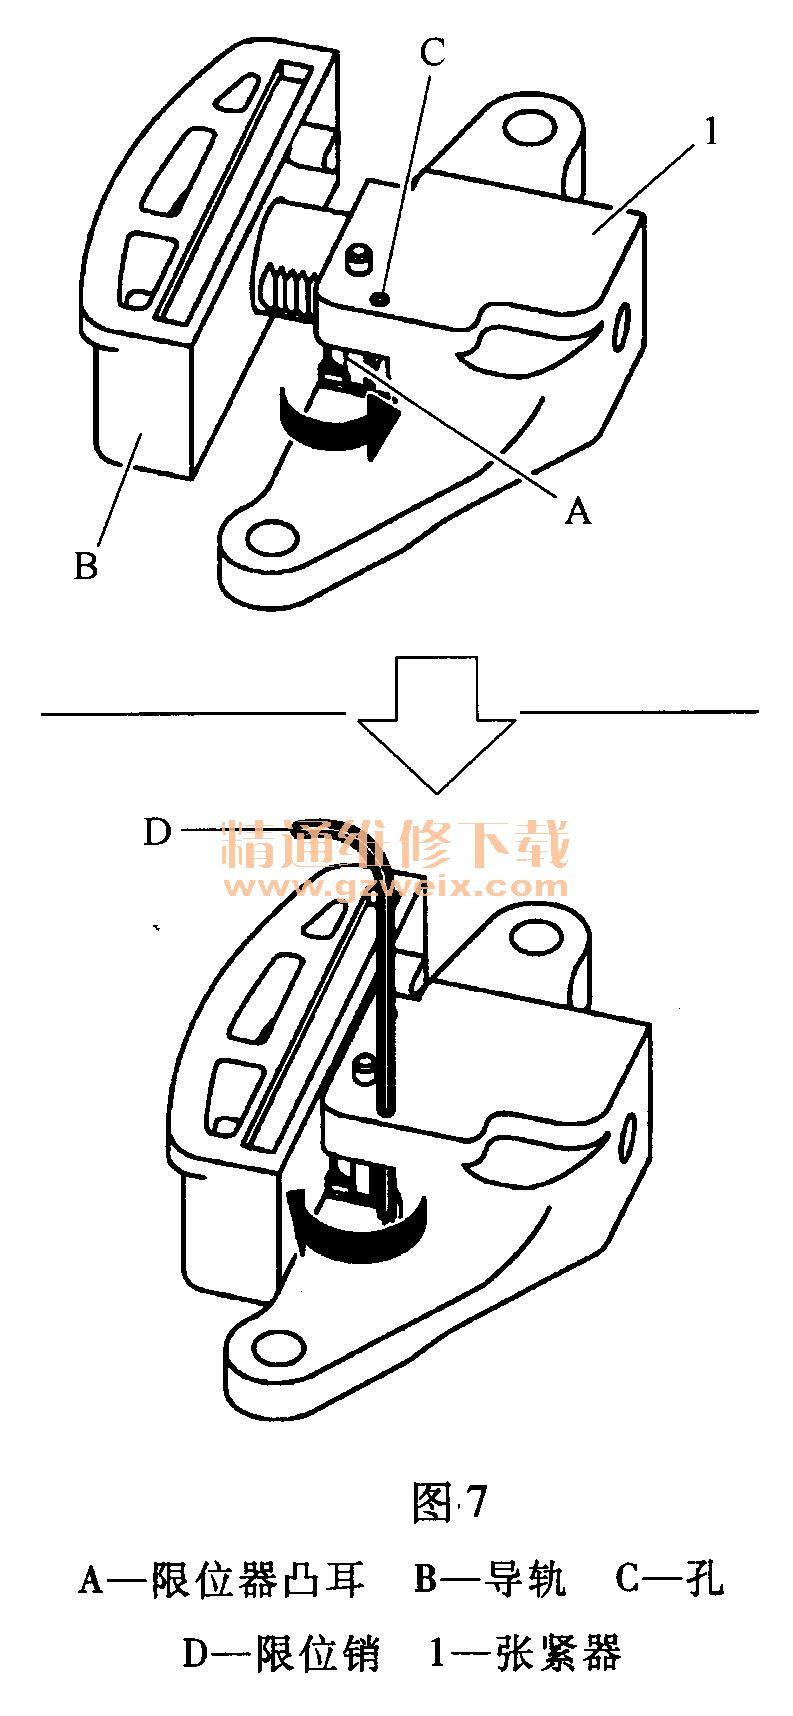 日产奇骏(2.5l qr25de)发动机正时校对方法